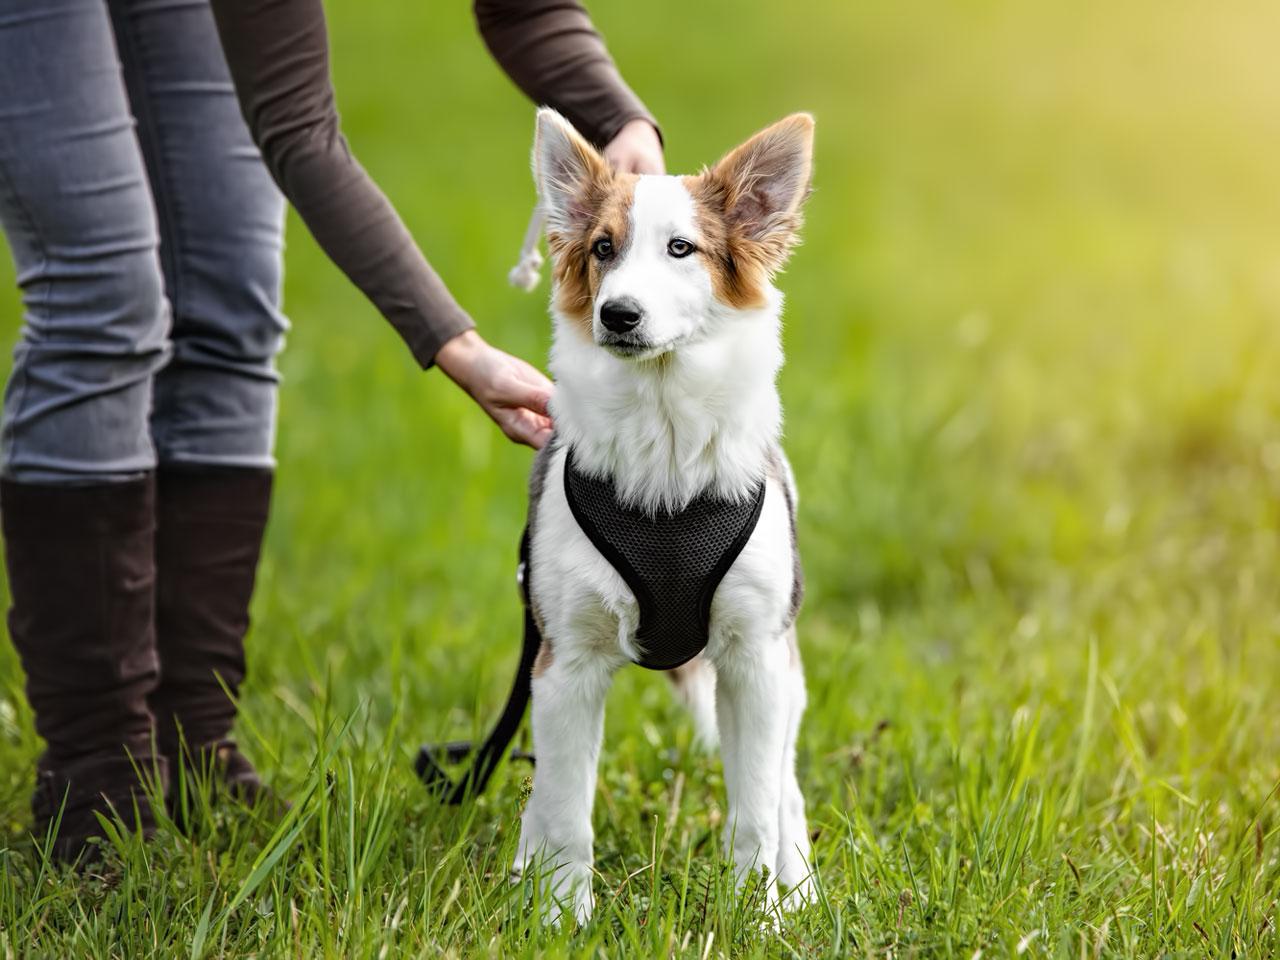 Hund wird Brustgeschirr angelegt